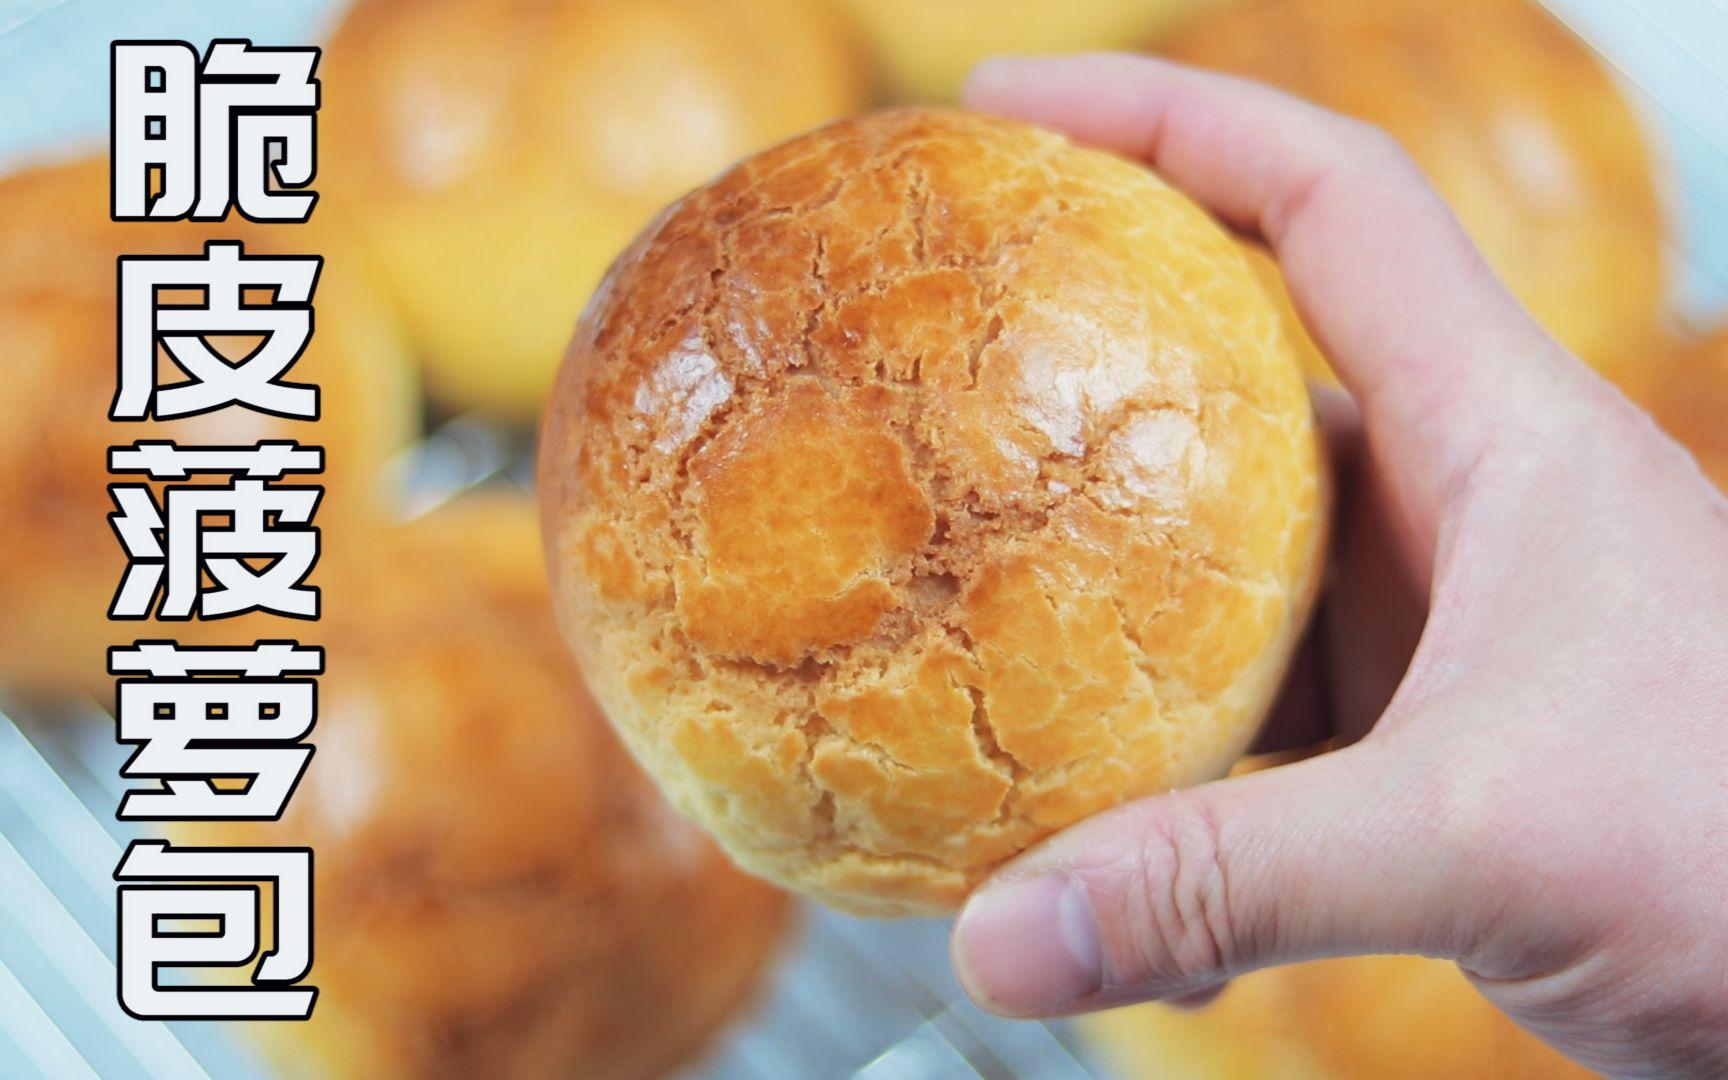 听一首经典粤语老歌, 来一个经典港式脆皮菠萝包!